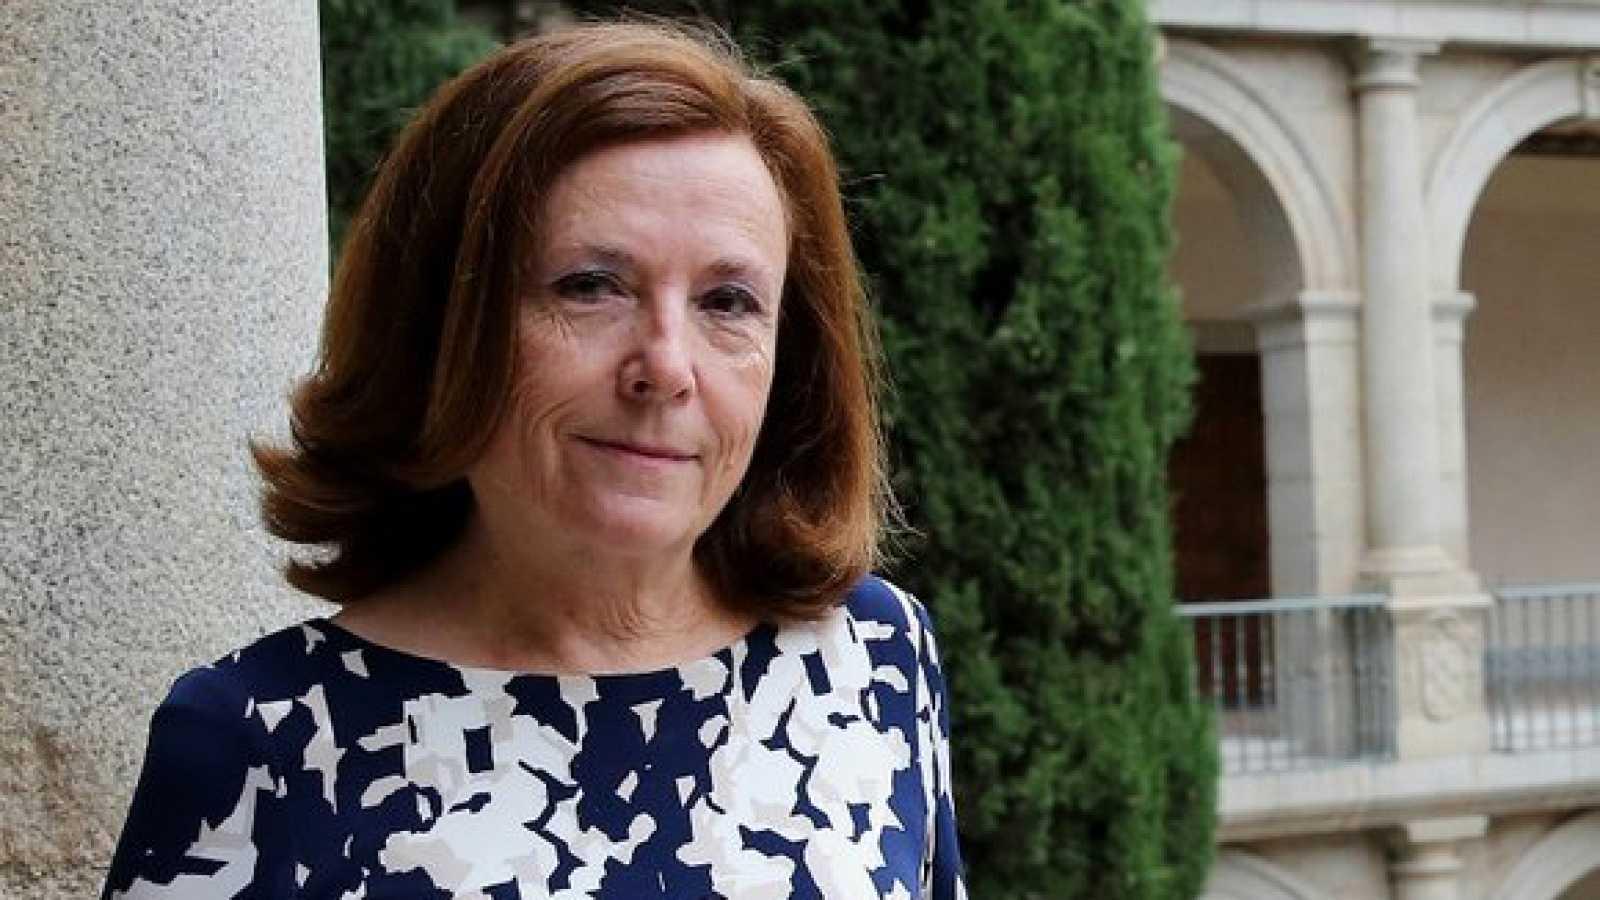 Un idioma sin fronteras - Aurora Egido, secretaria de la Real Academia Española - 12/01/18 - escuchar ahora